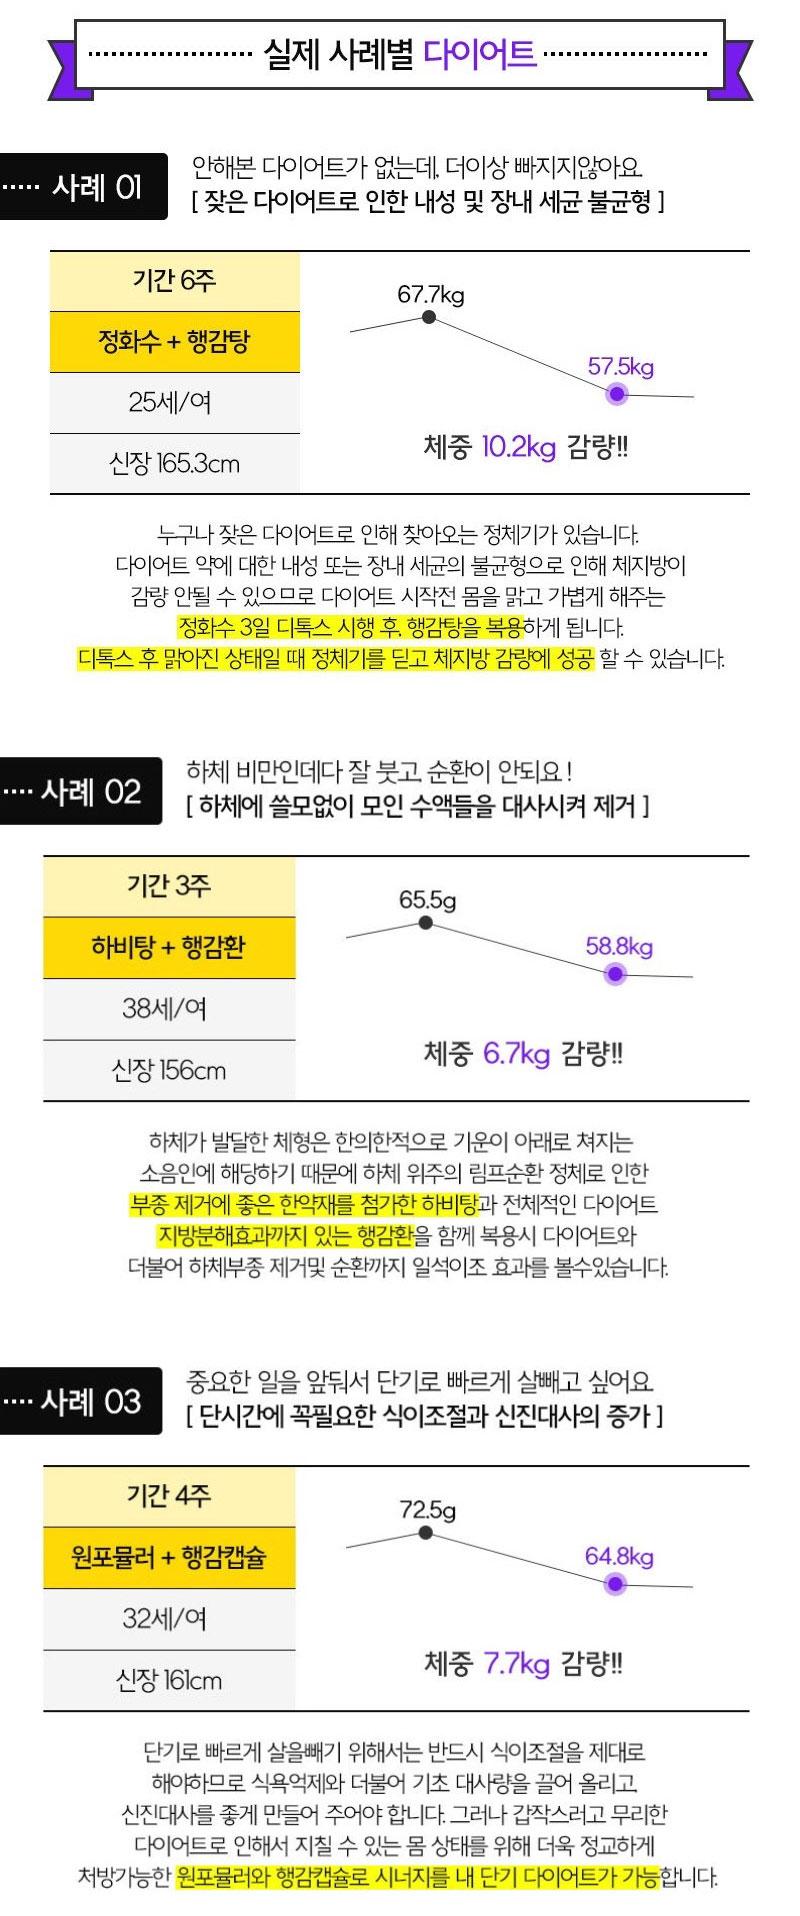 최원장님이 이거먹고 5주만에 -9.6kg 살뺐대요!